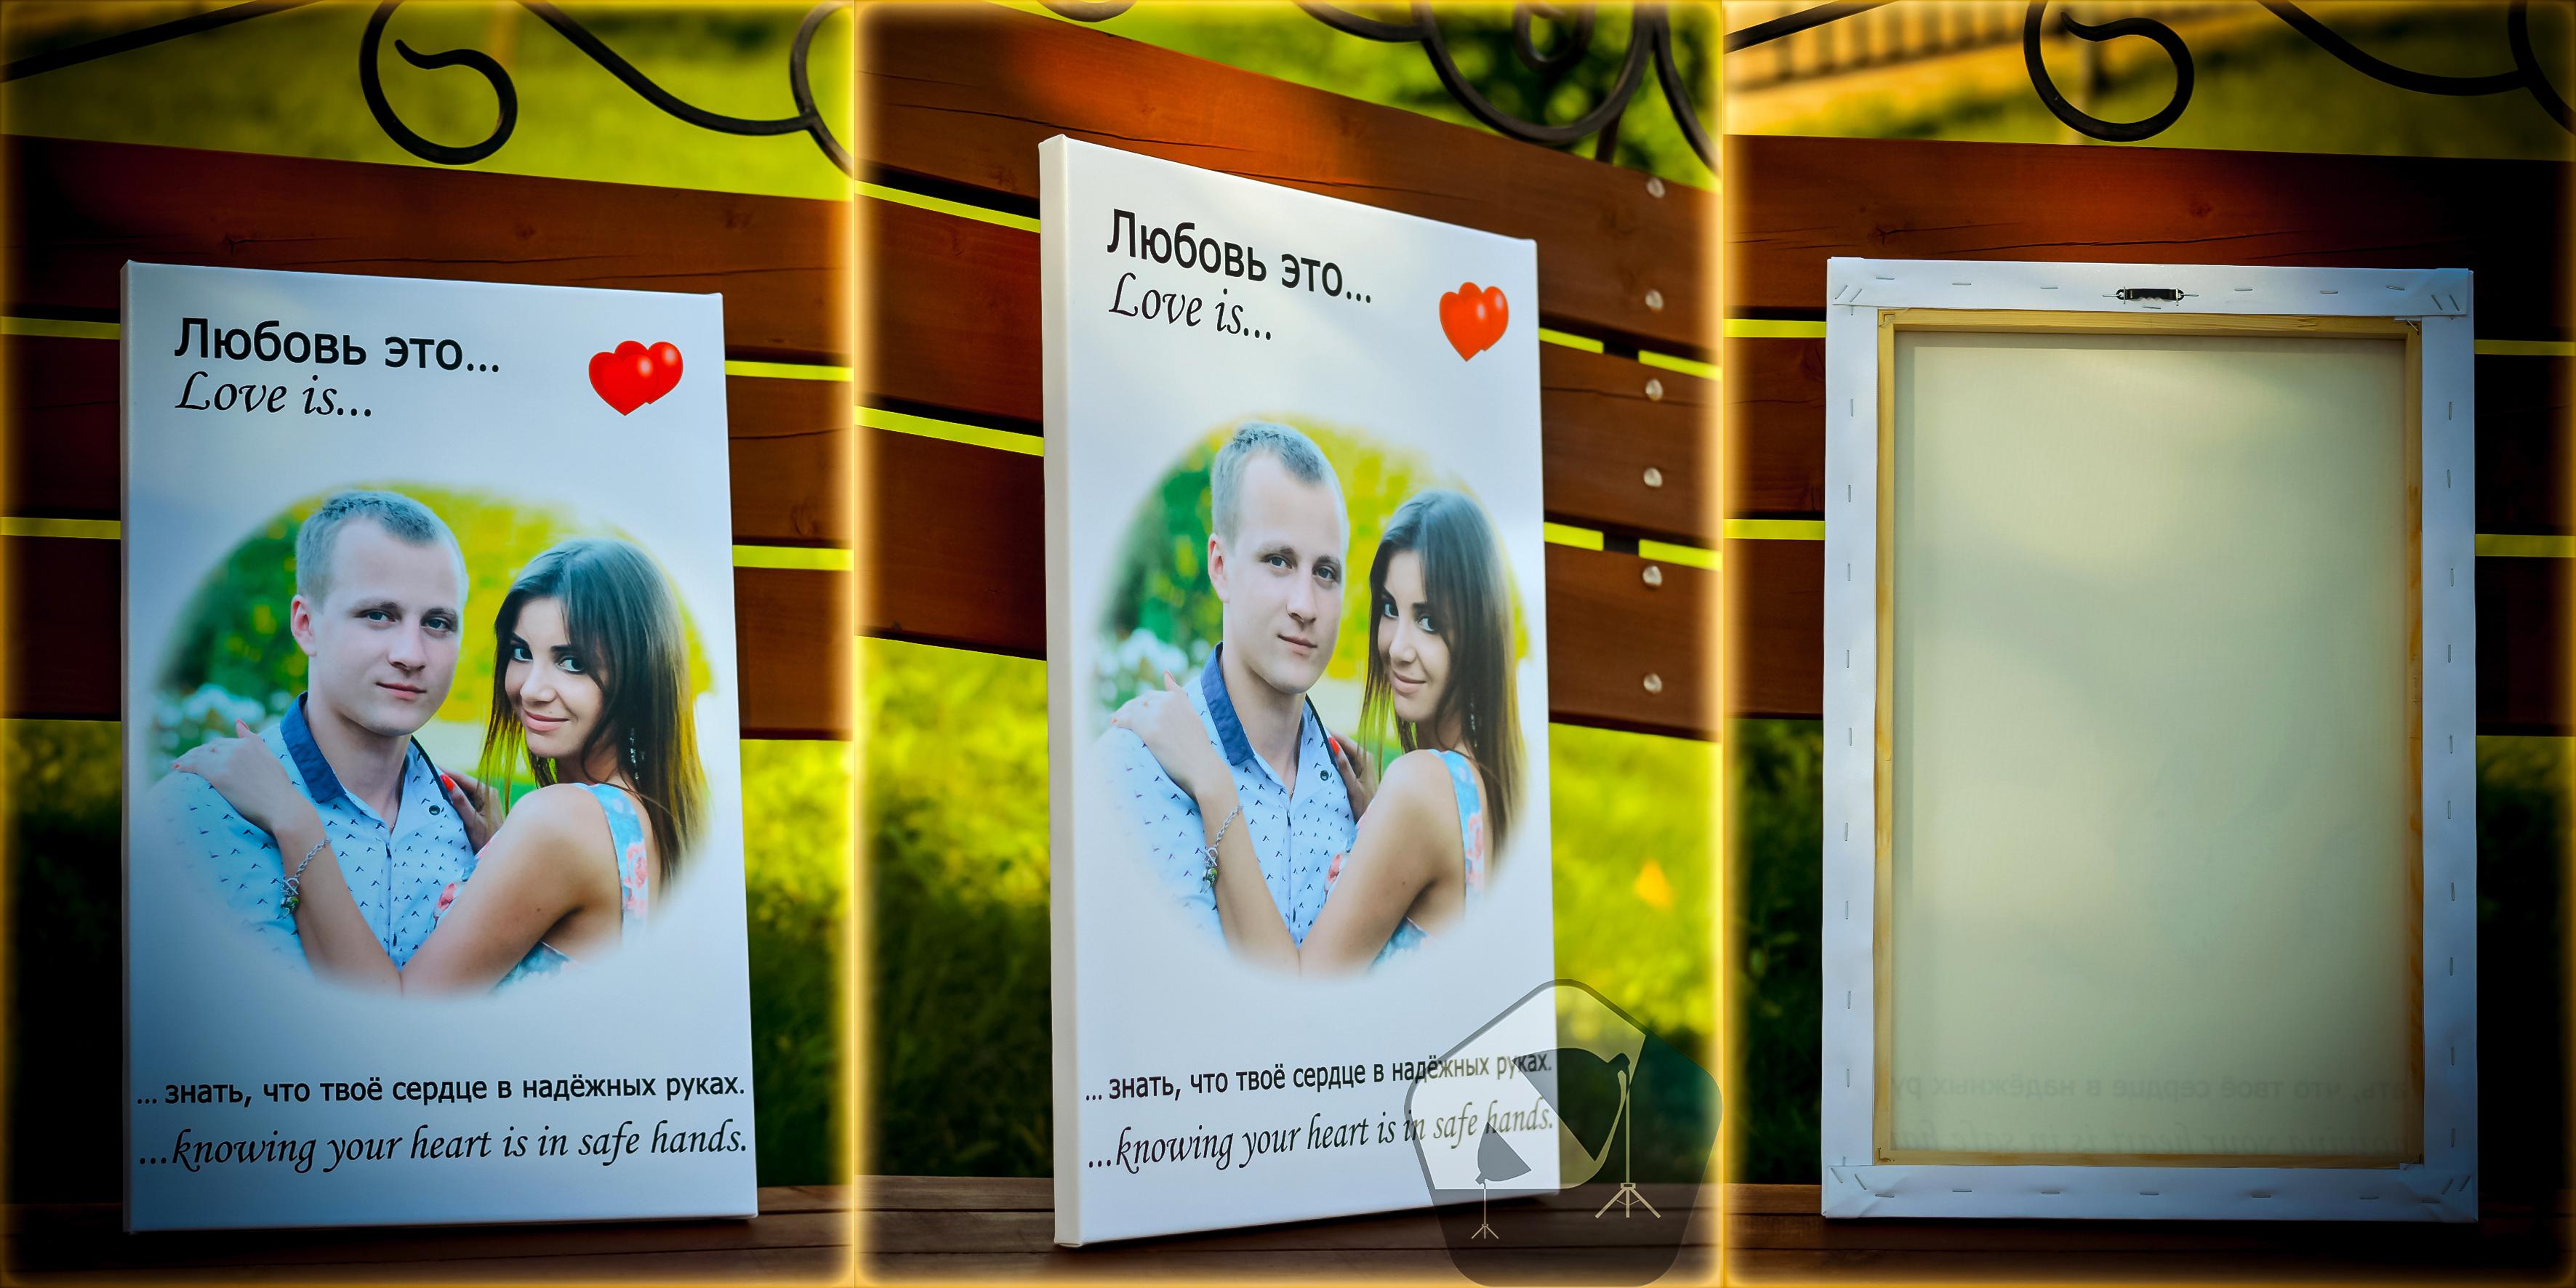 """Холст на подрамнике в стиле """"Love is..."""" 40x60 см = 1500 руб."""